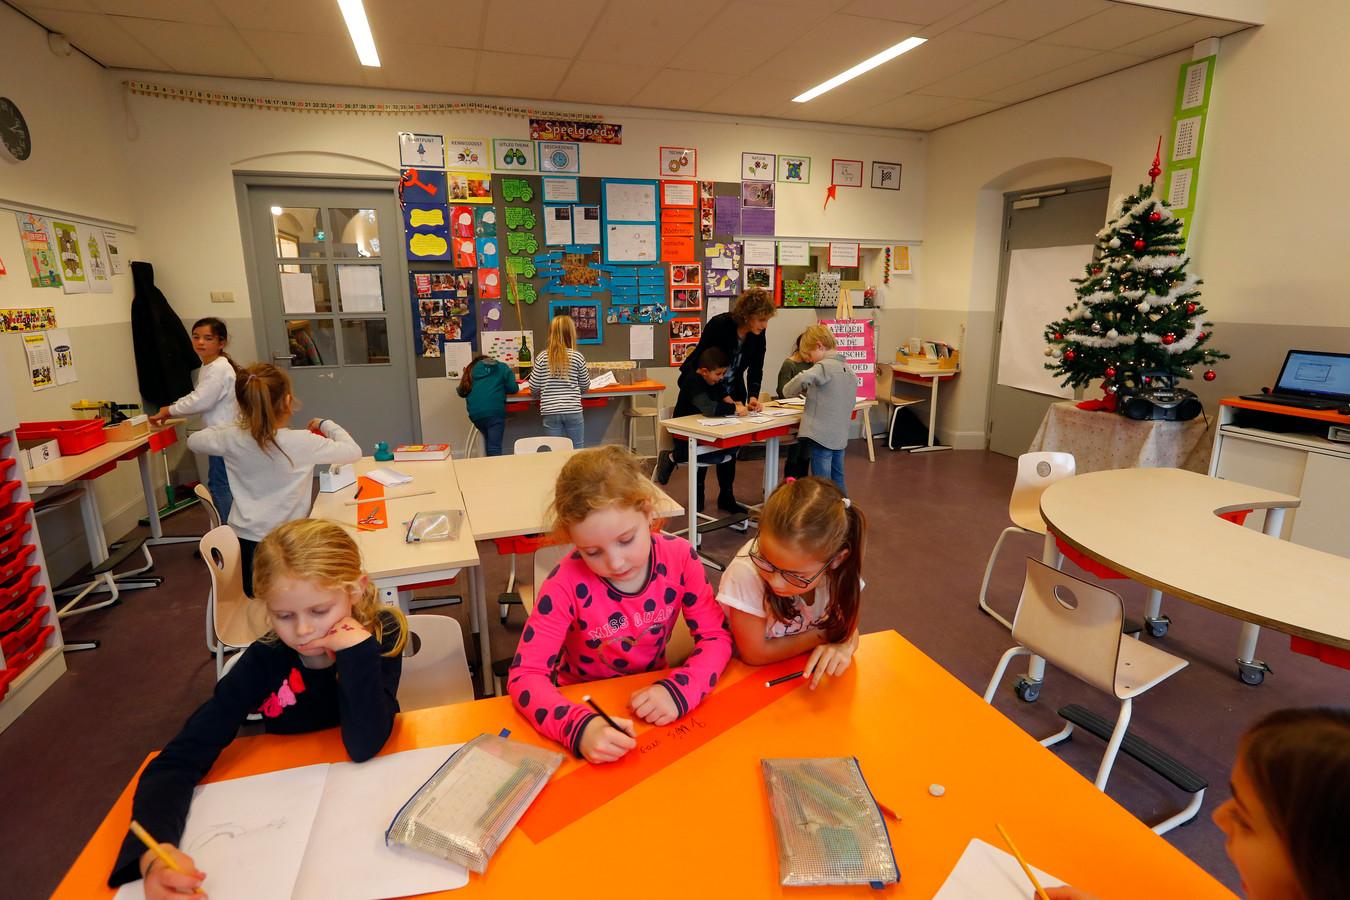 Basisschool De Reigerlaan in Eindhoven is ook bezig met internationalisering van het onderwijs.